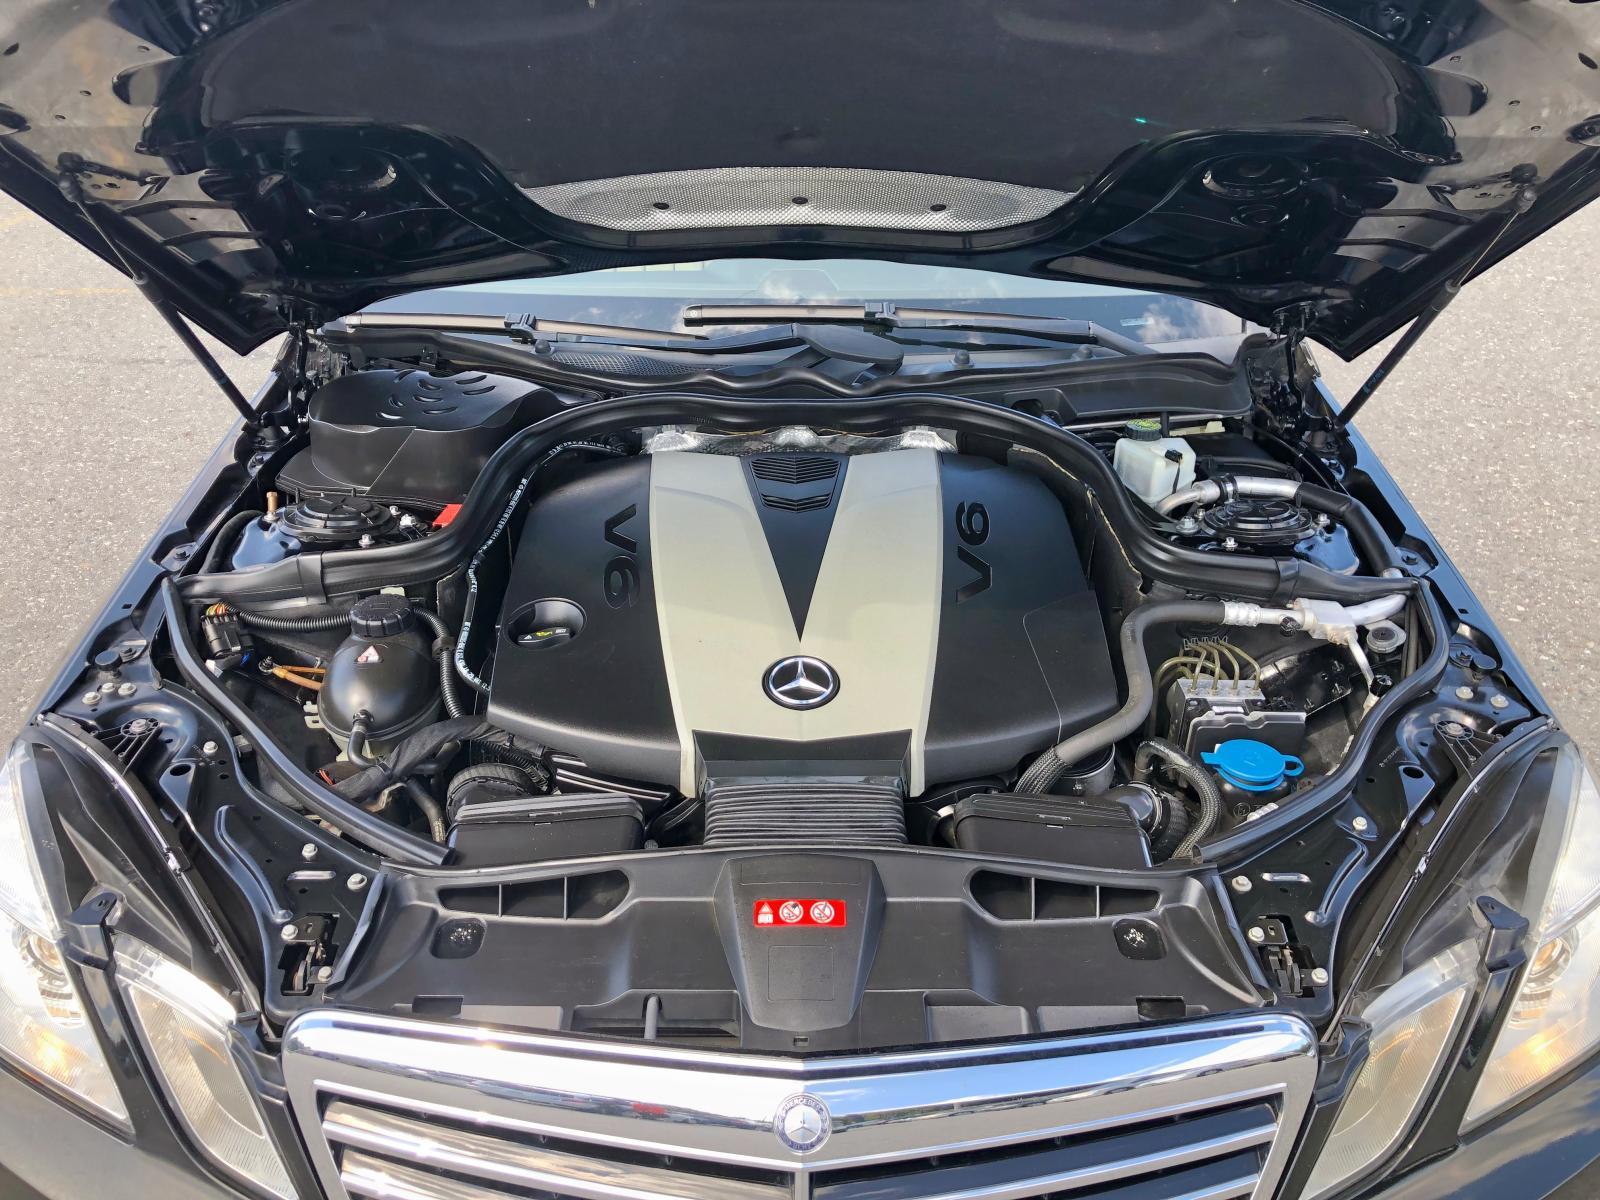 WDDHF2EBXBA320033 - 2011 Mercedes-Benz E 350 Blue 3.0L front view